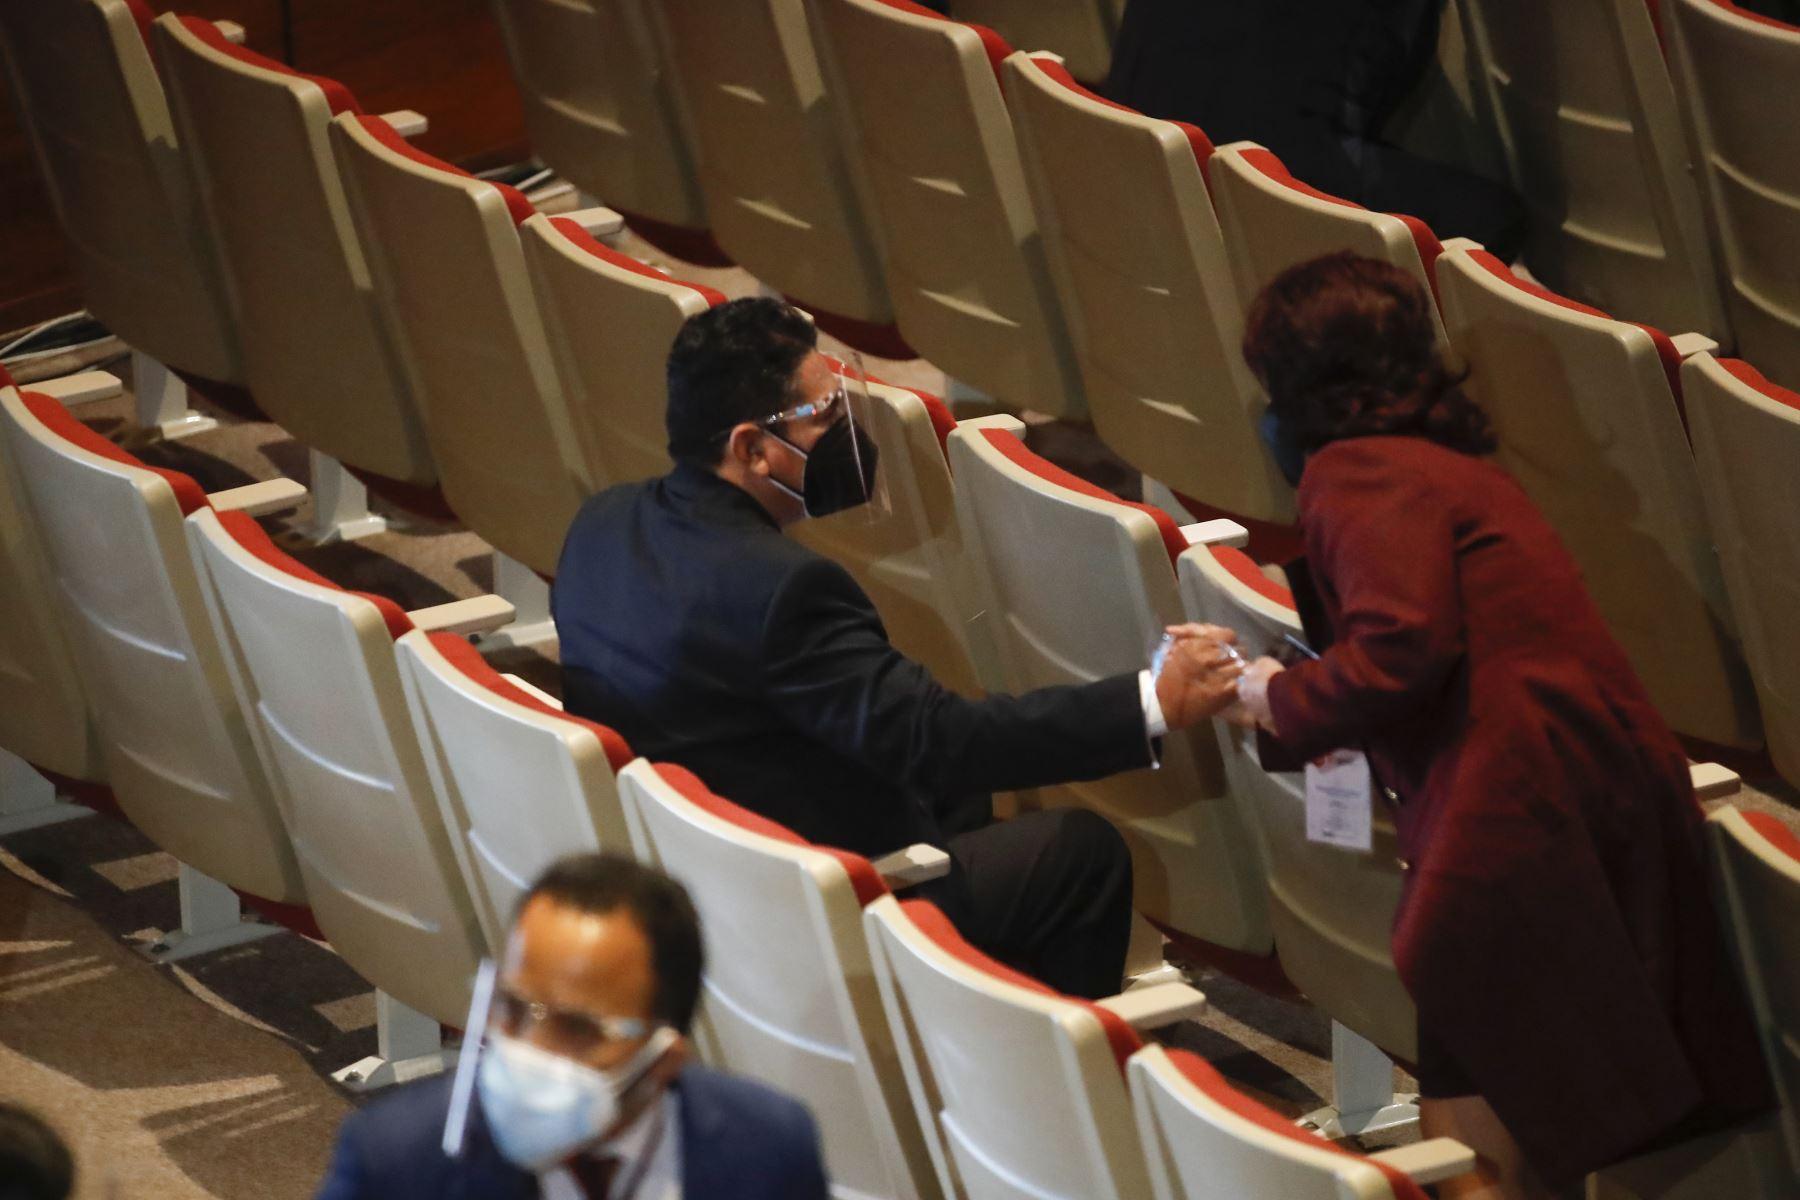 Pedro Castillo recibe credencial como presidente electo de la República del Perú para el periodo 2021-2026. Vladimir Cerrón, secretario general de Perú Libre, participa en la ceremonia. Foto: ANDINA/Juan Carlos Guzmán